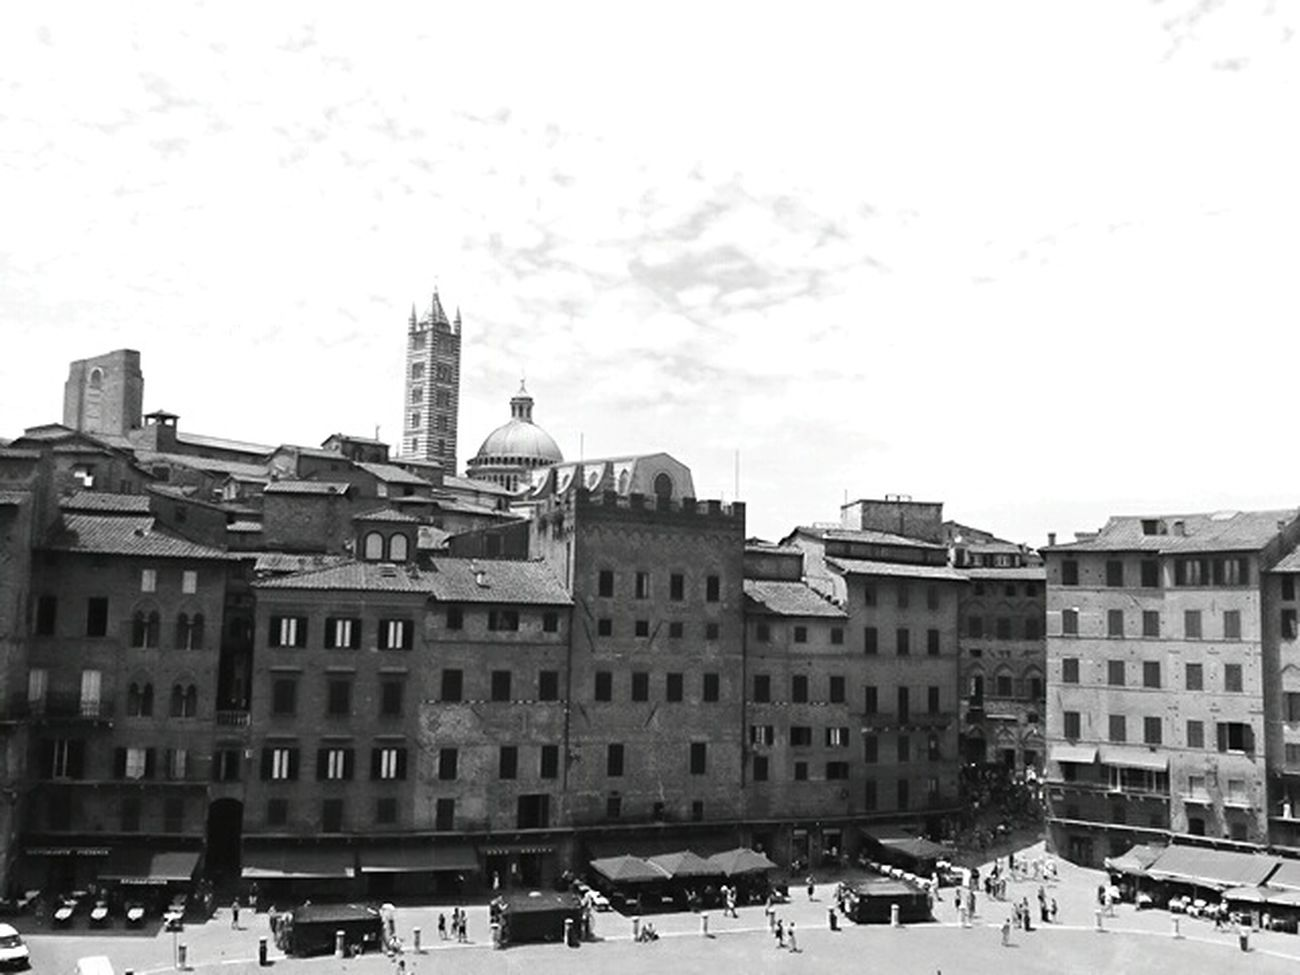 Siena, Italy Piazza Del Campo